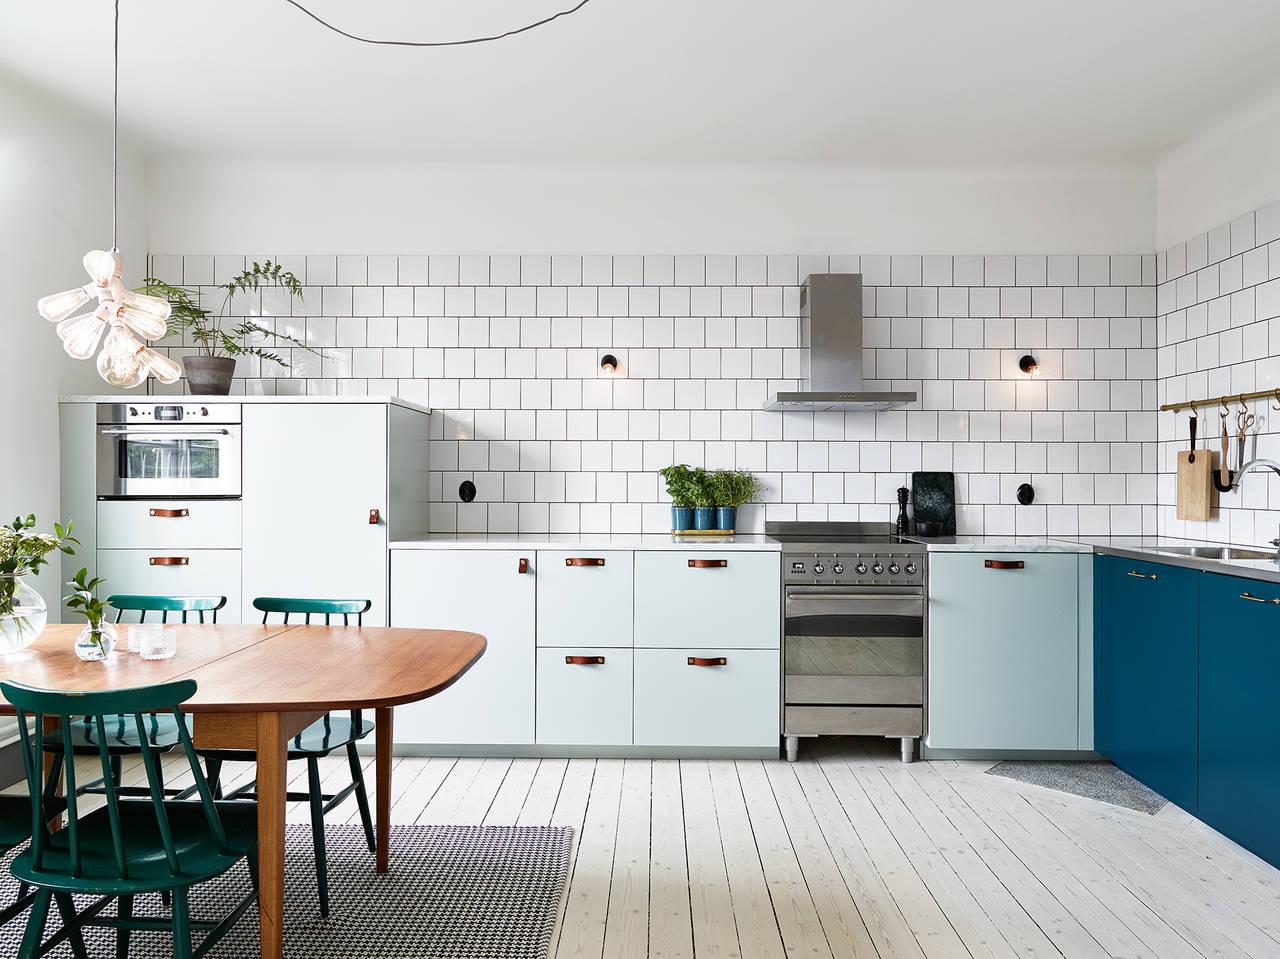 Moderne Blauw Keuken : Keuken in mintgroen en petrol blauw inrichting huis